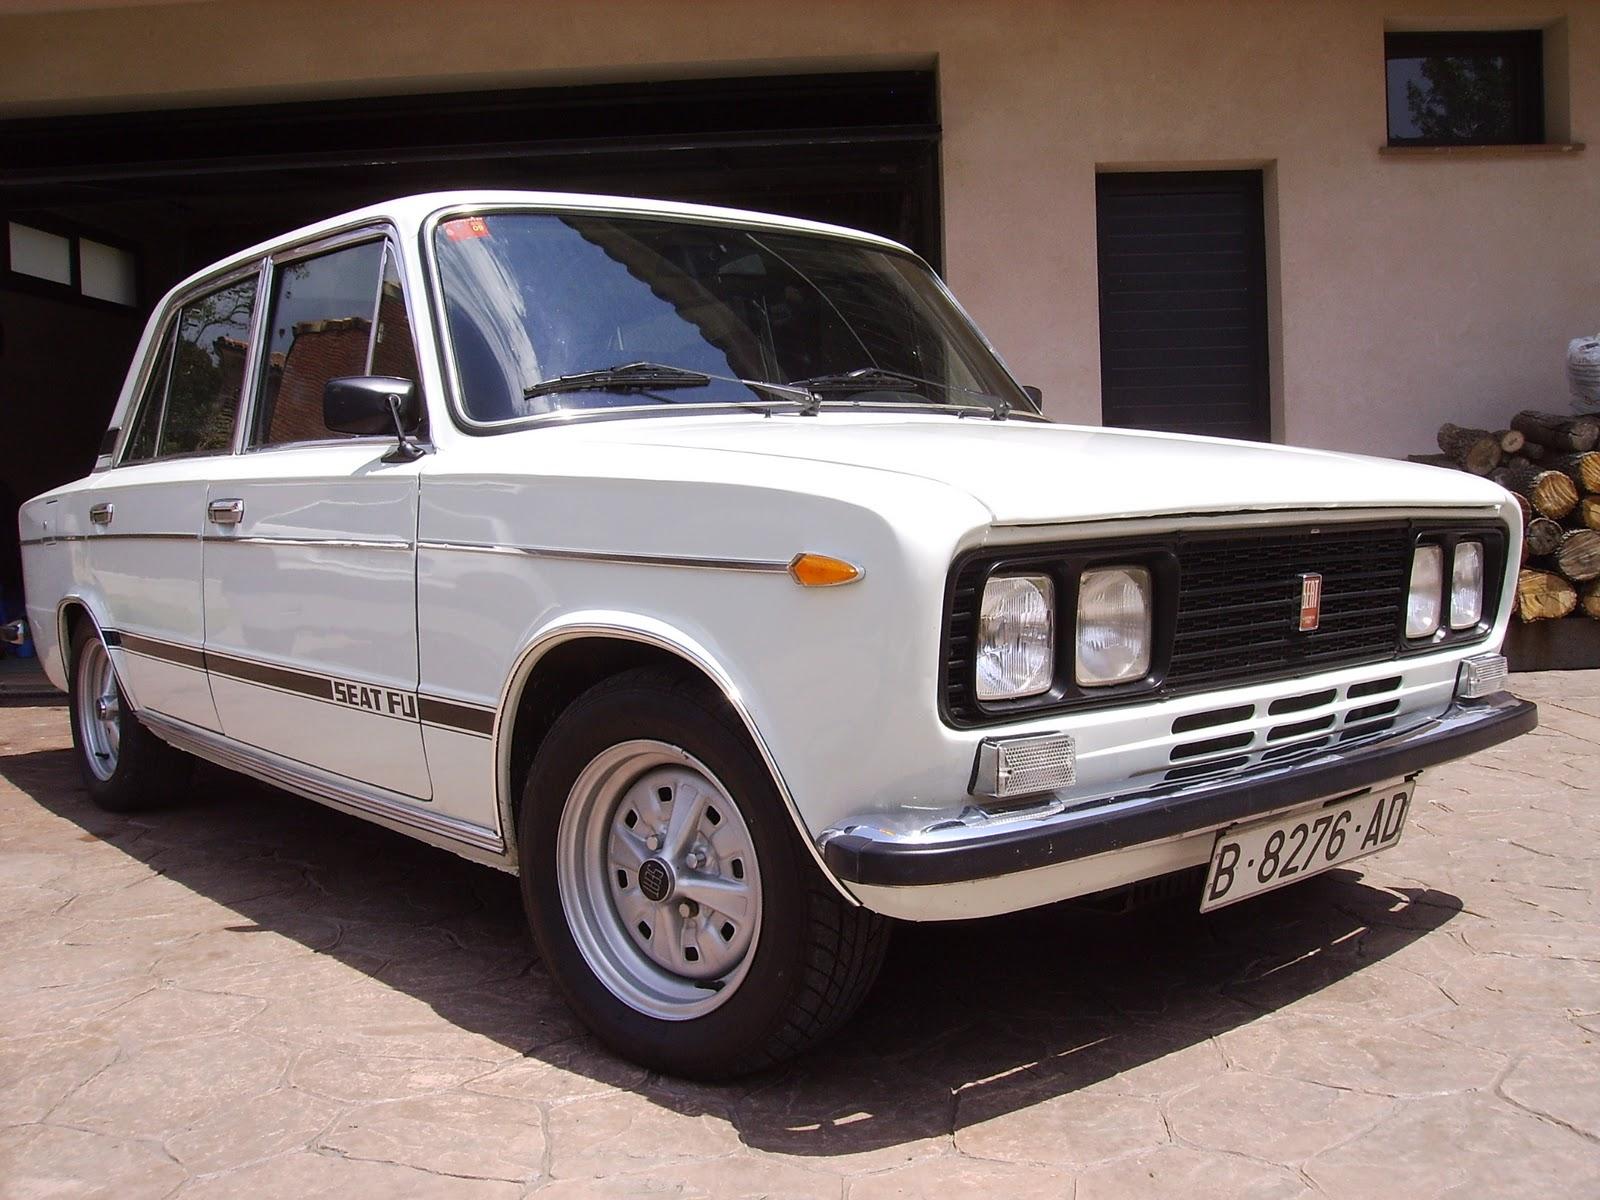 Sobrenombre motes apodos foros de debates de coches for Seat 1430 fu 1800